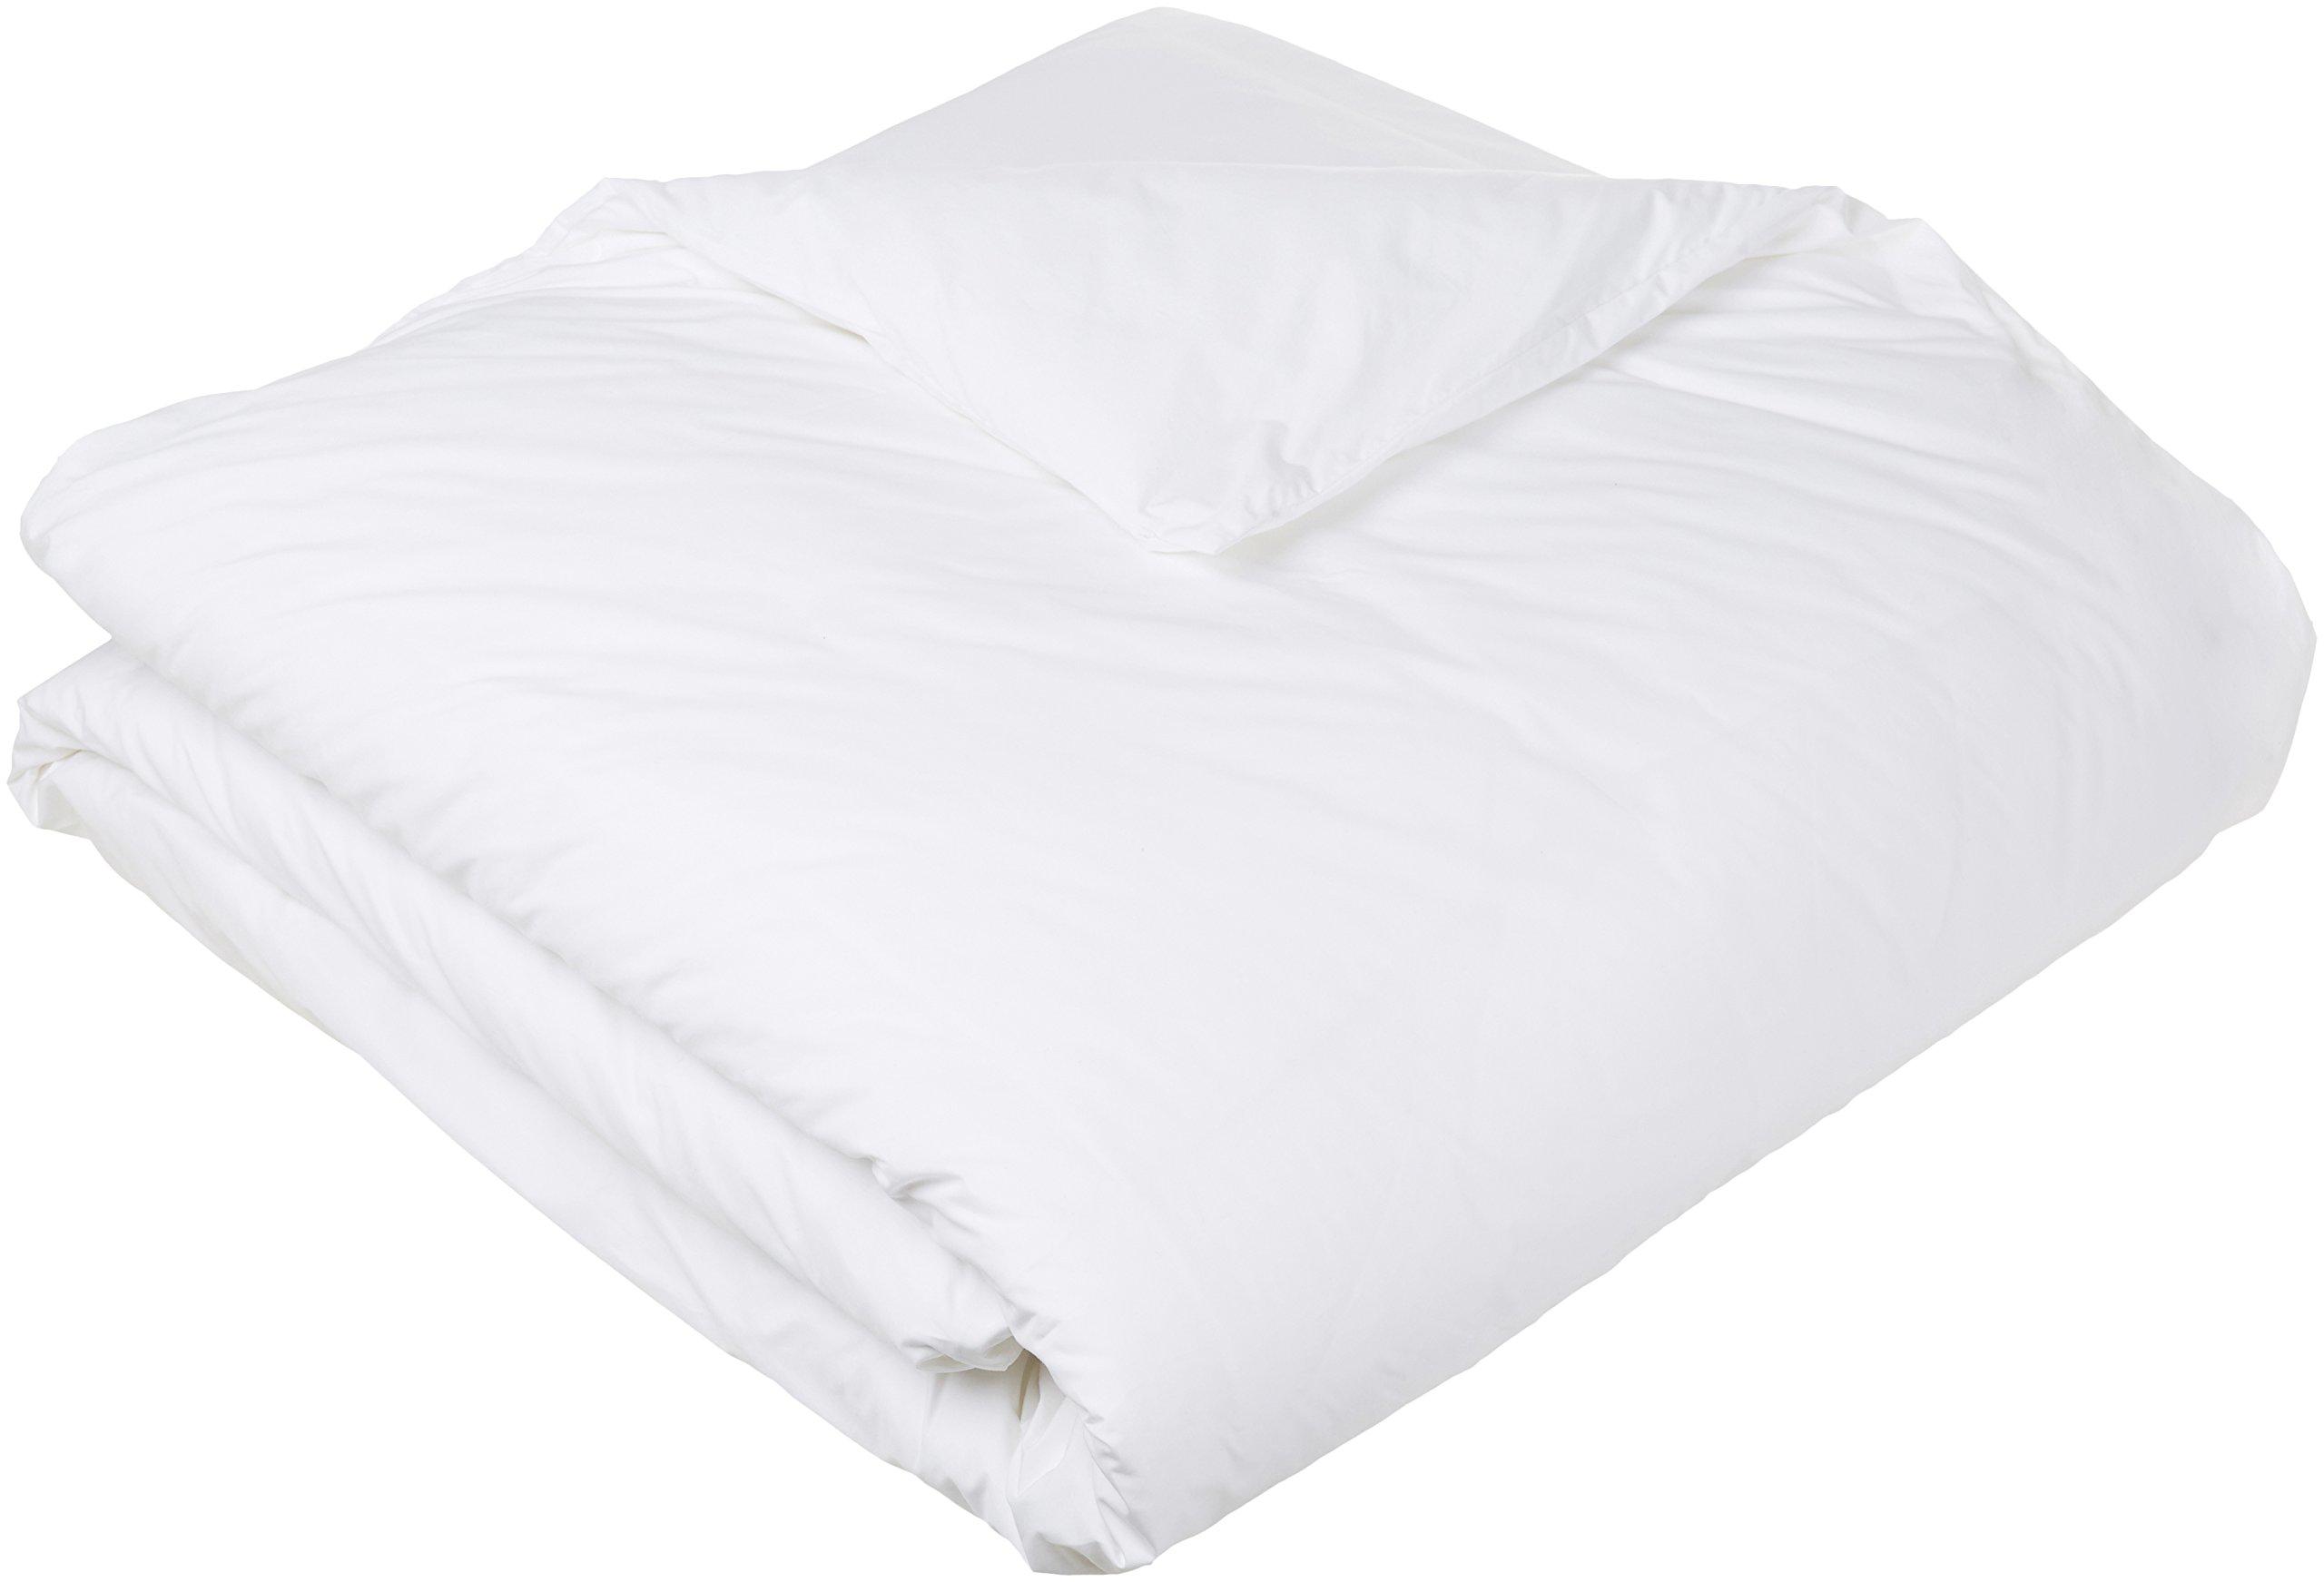 Pinzon Hypoallergenic Cotton Duvet Protector, Full/Queen by Pinzon by Amazon